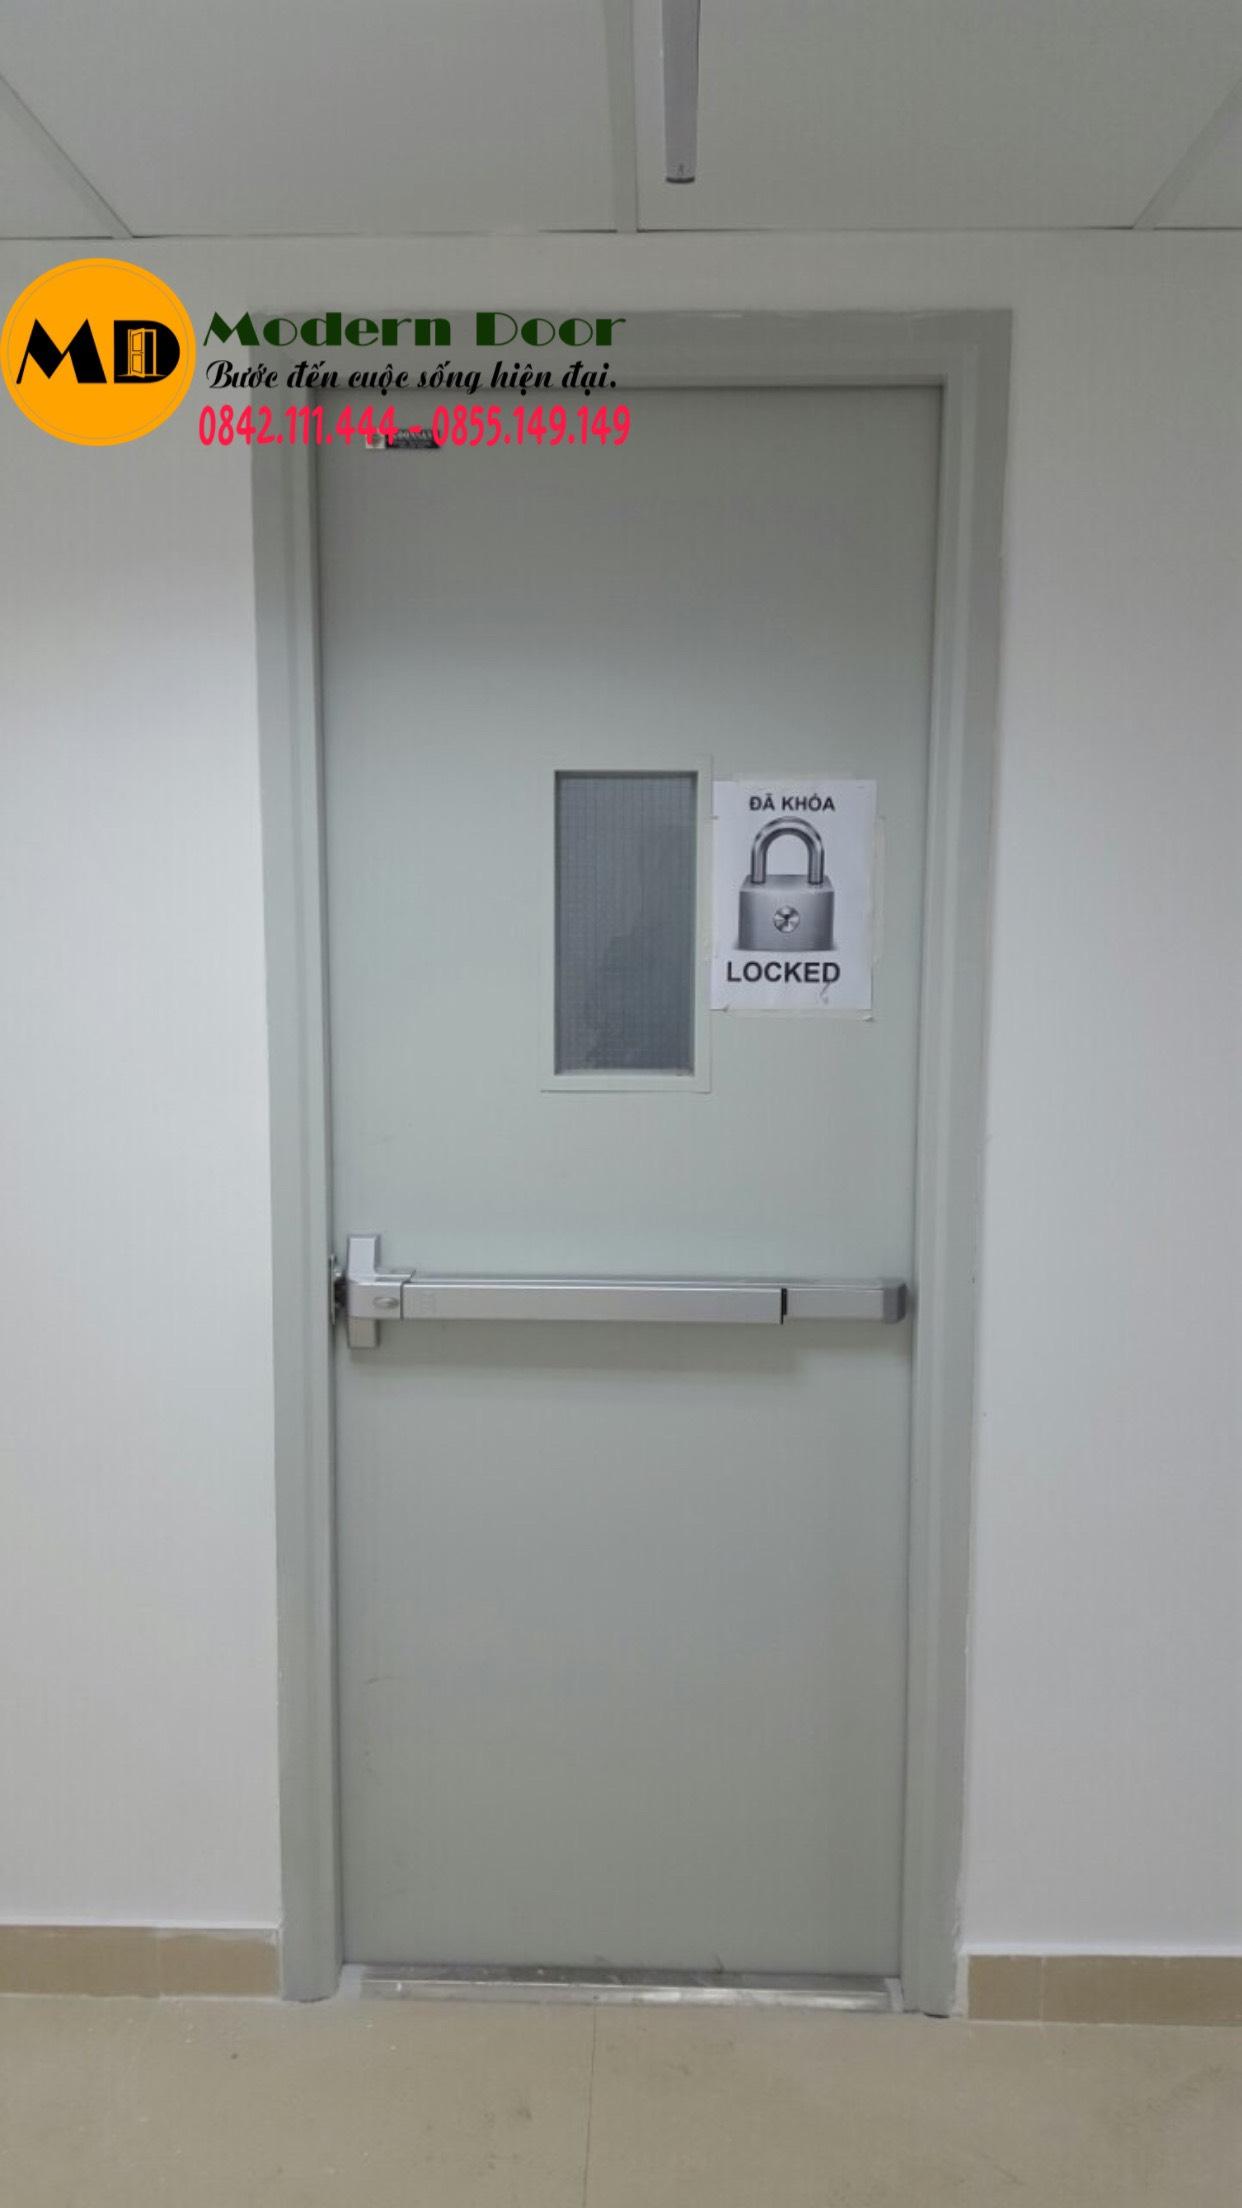 các loại cửa chống cháy